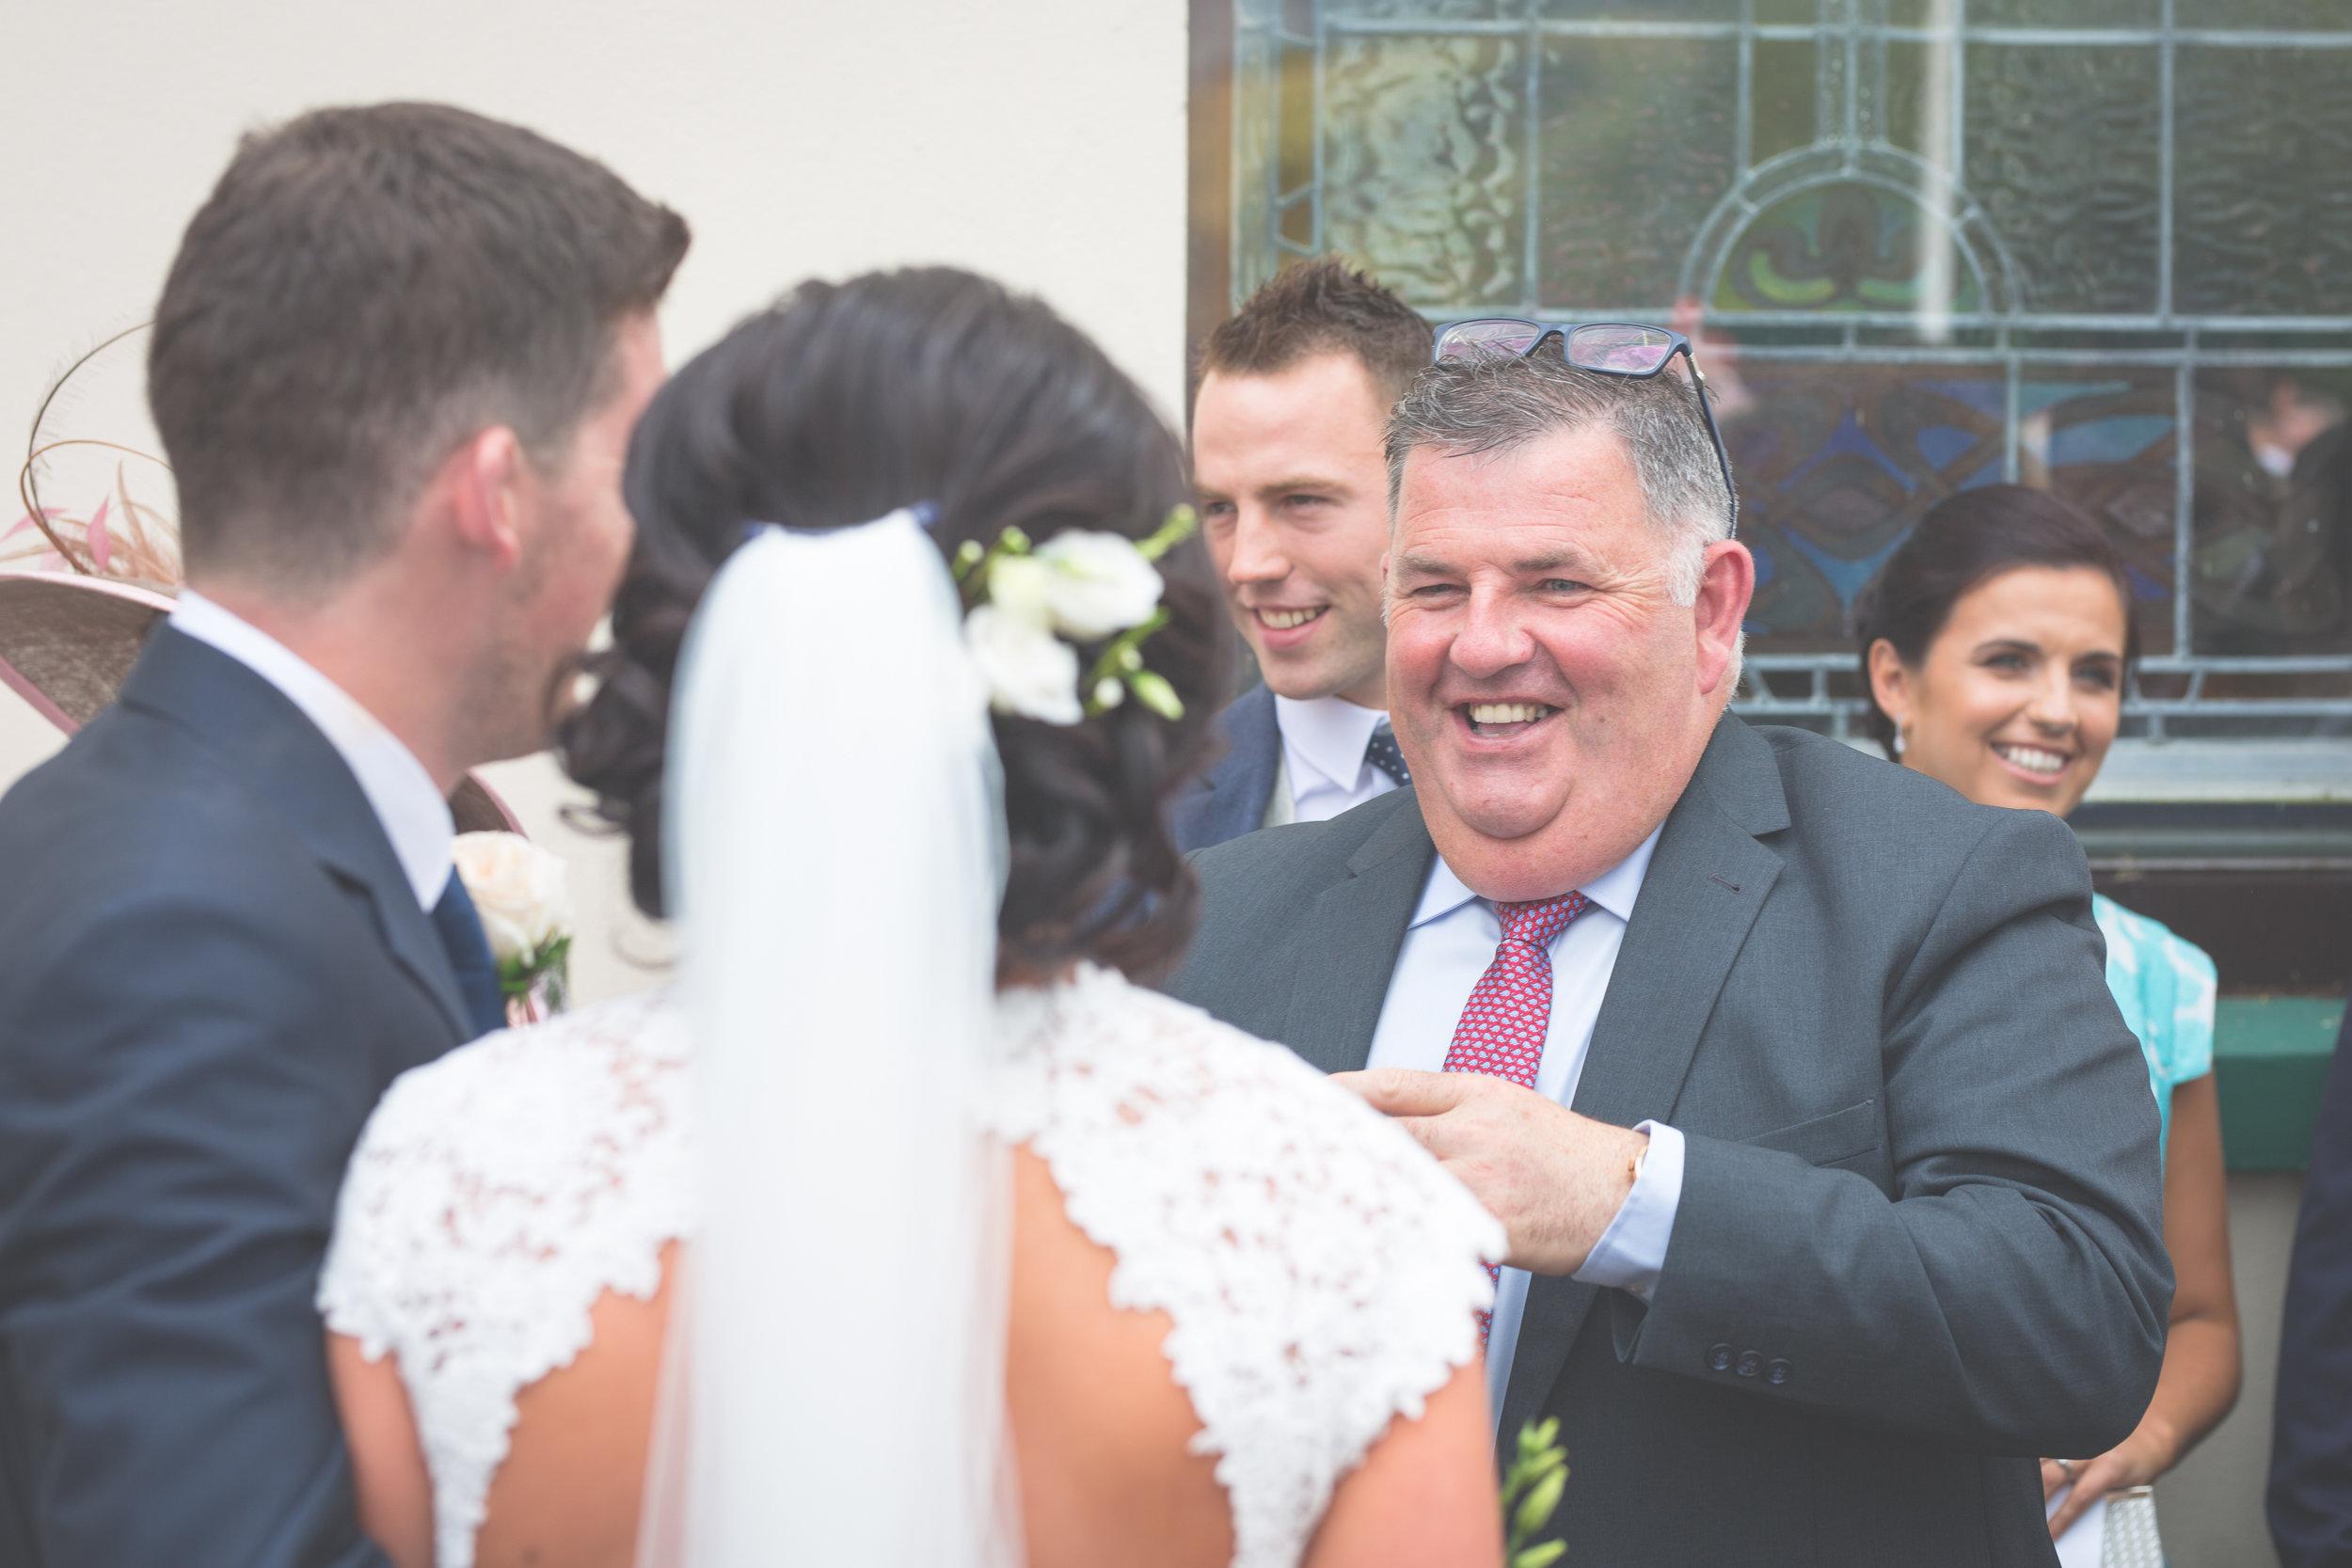 Brian McEwan Wedding Photography   Carol-Anne & Sean   The Ceremony-111.jpg